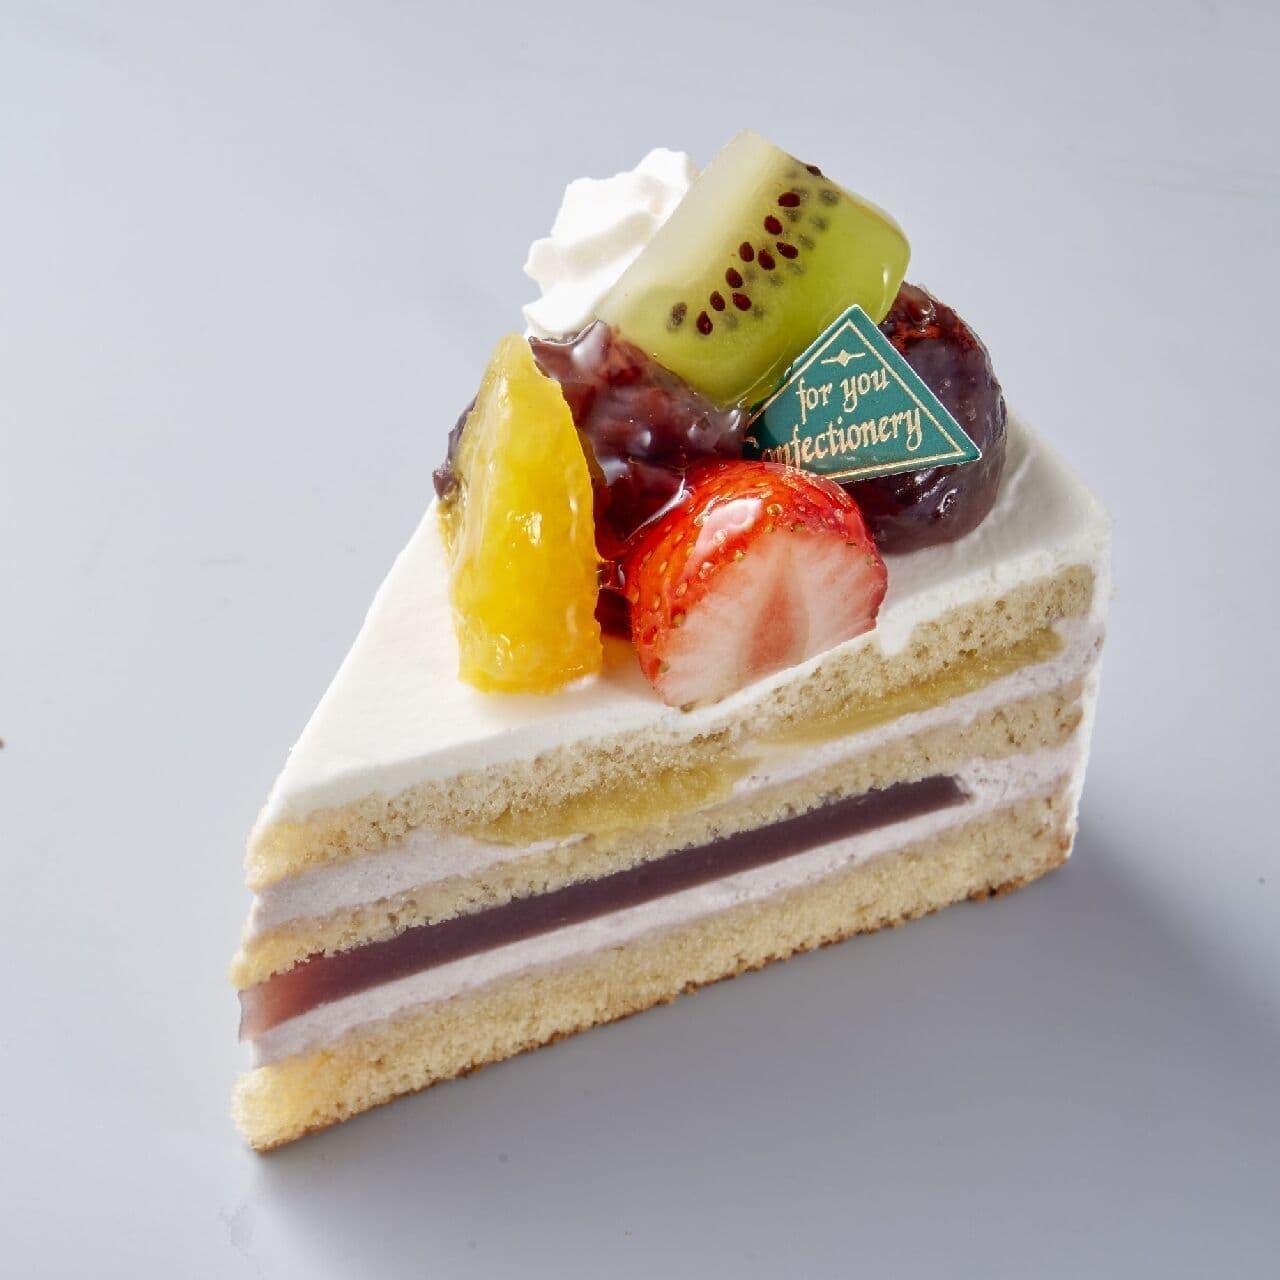 シャトレーゼ「敬老の日 小豆と栗のショートケーキ」